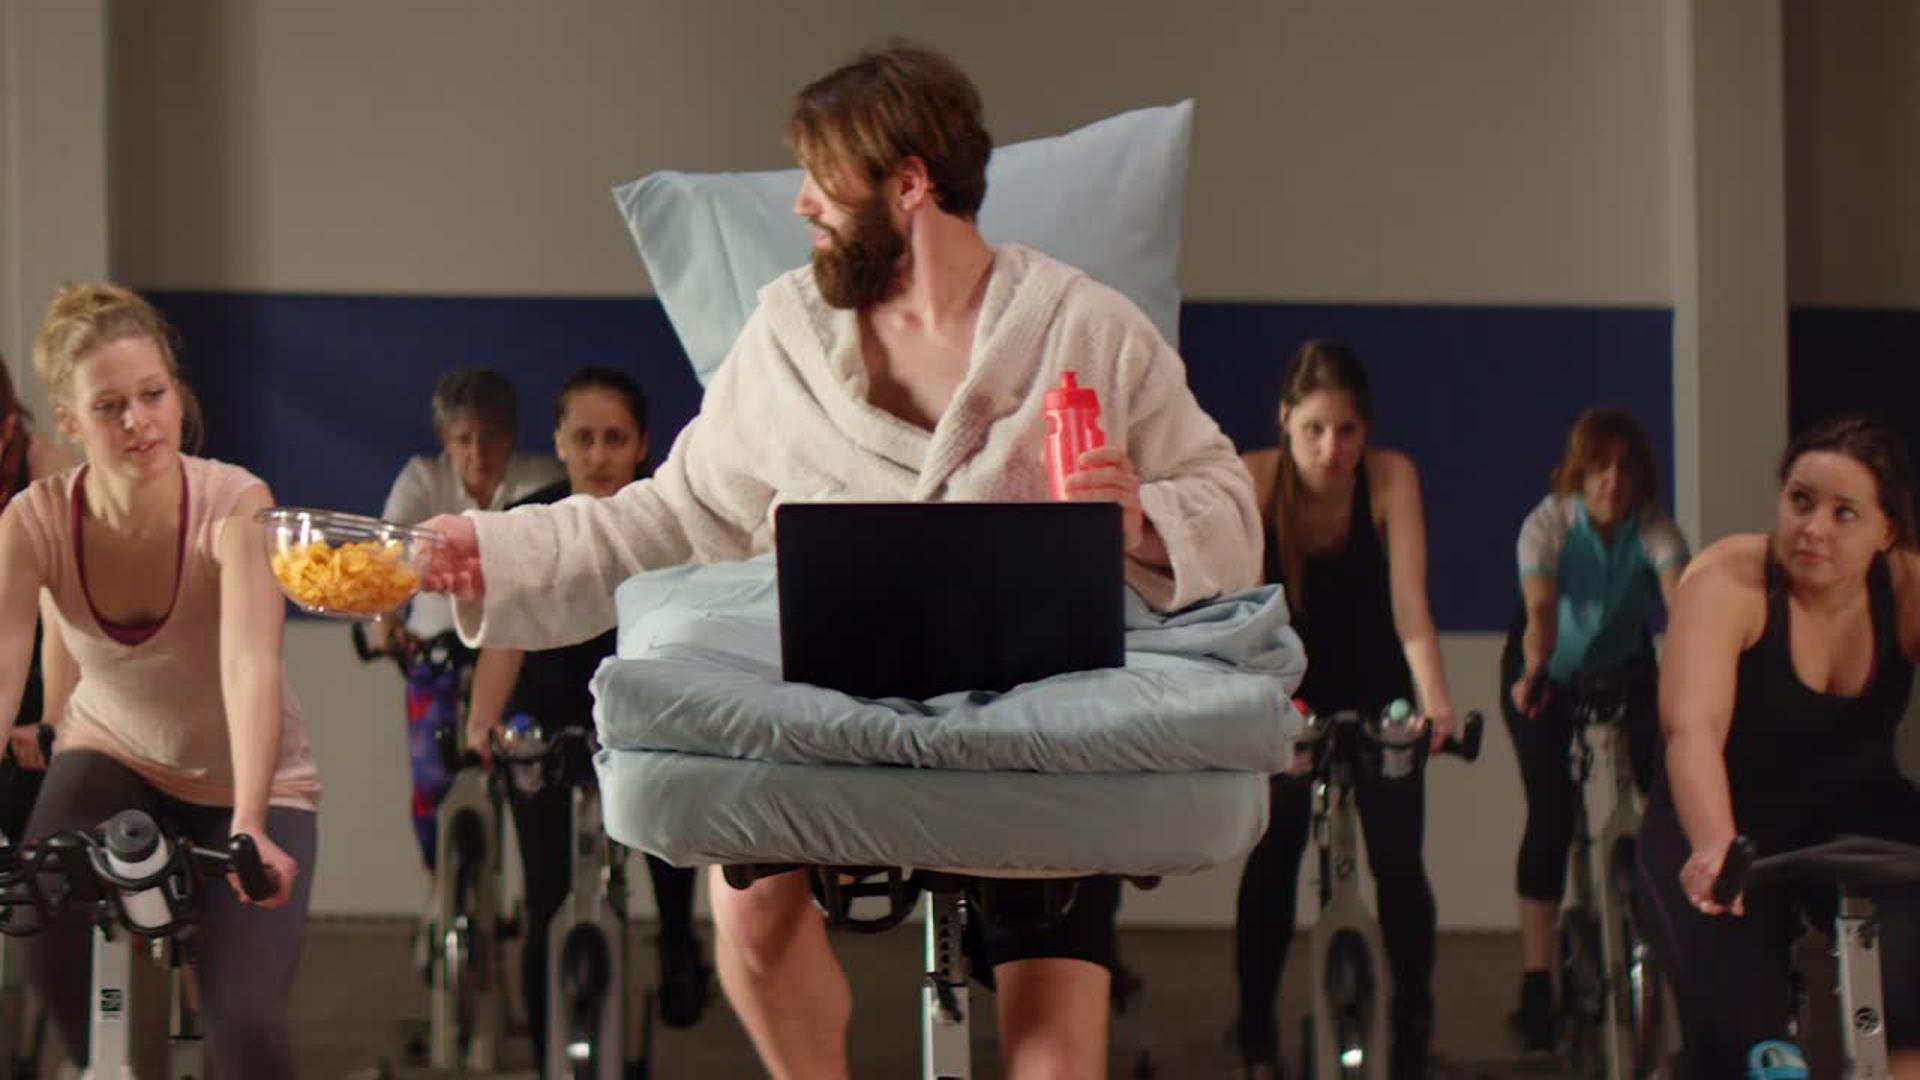 Audi A6 Filmwettbewerb: Entspannte Fitness